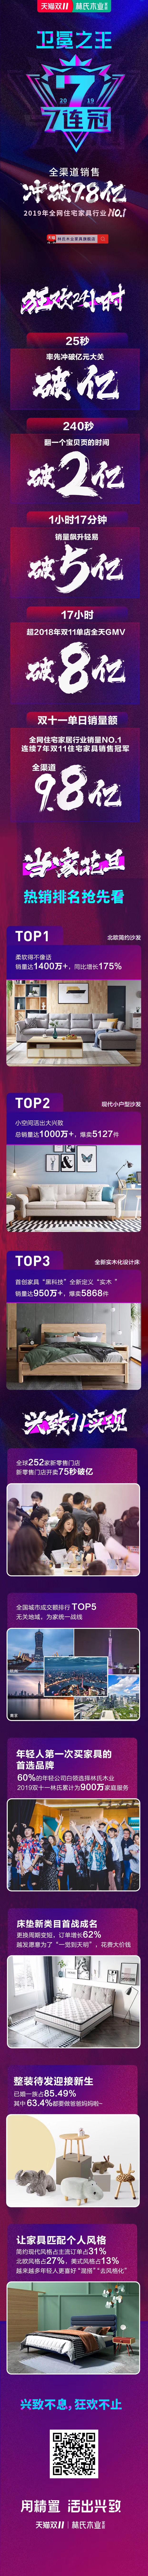 林氏木业双十一TOP10